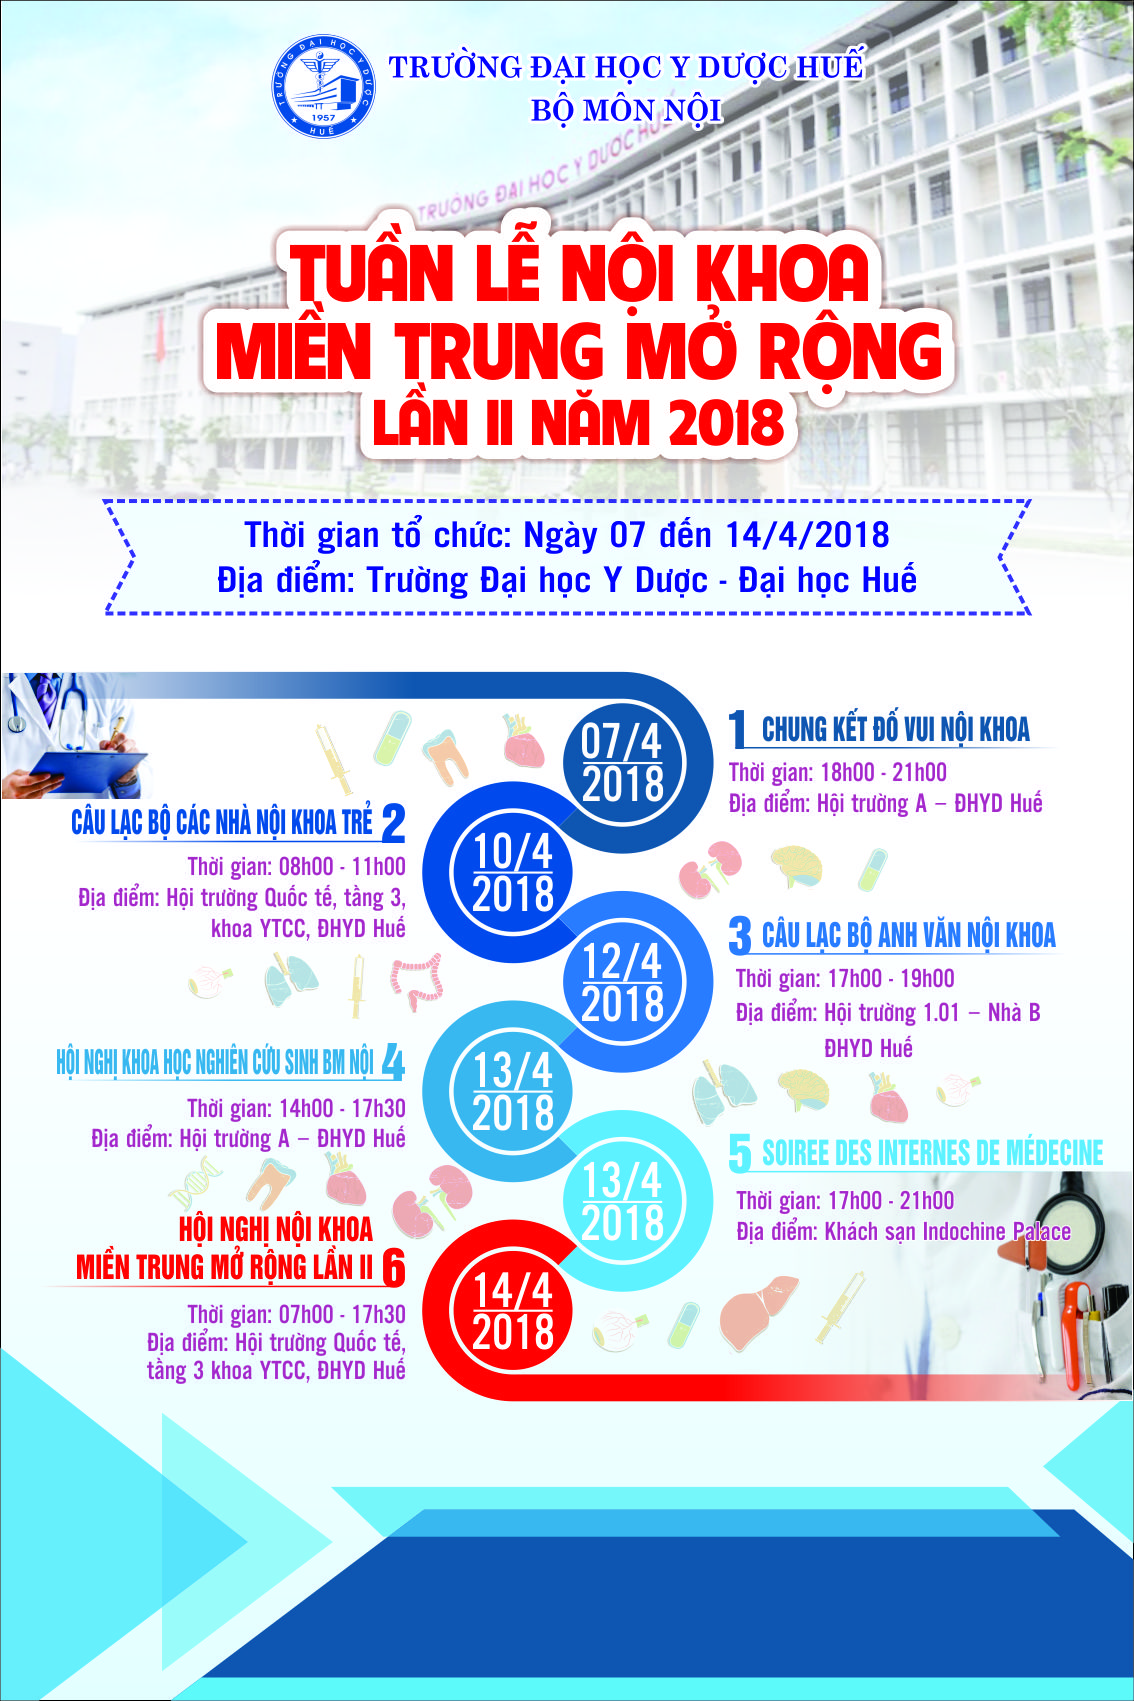 Tuần lễ nội khoa miền Trung mở rộng lần II năm 2018.